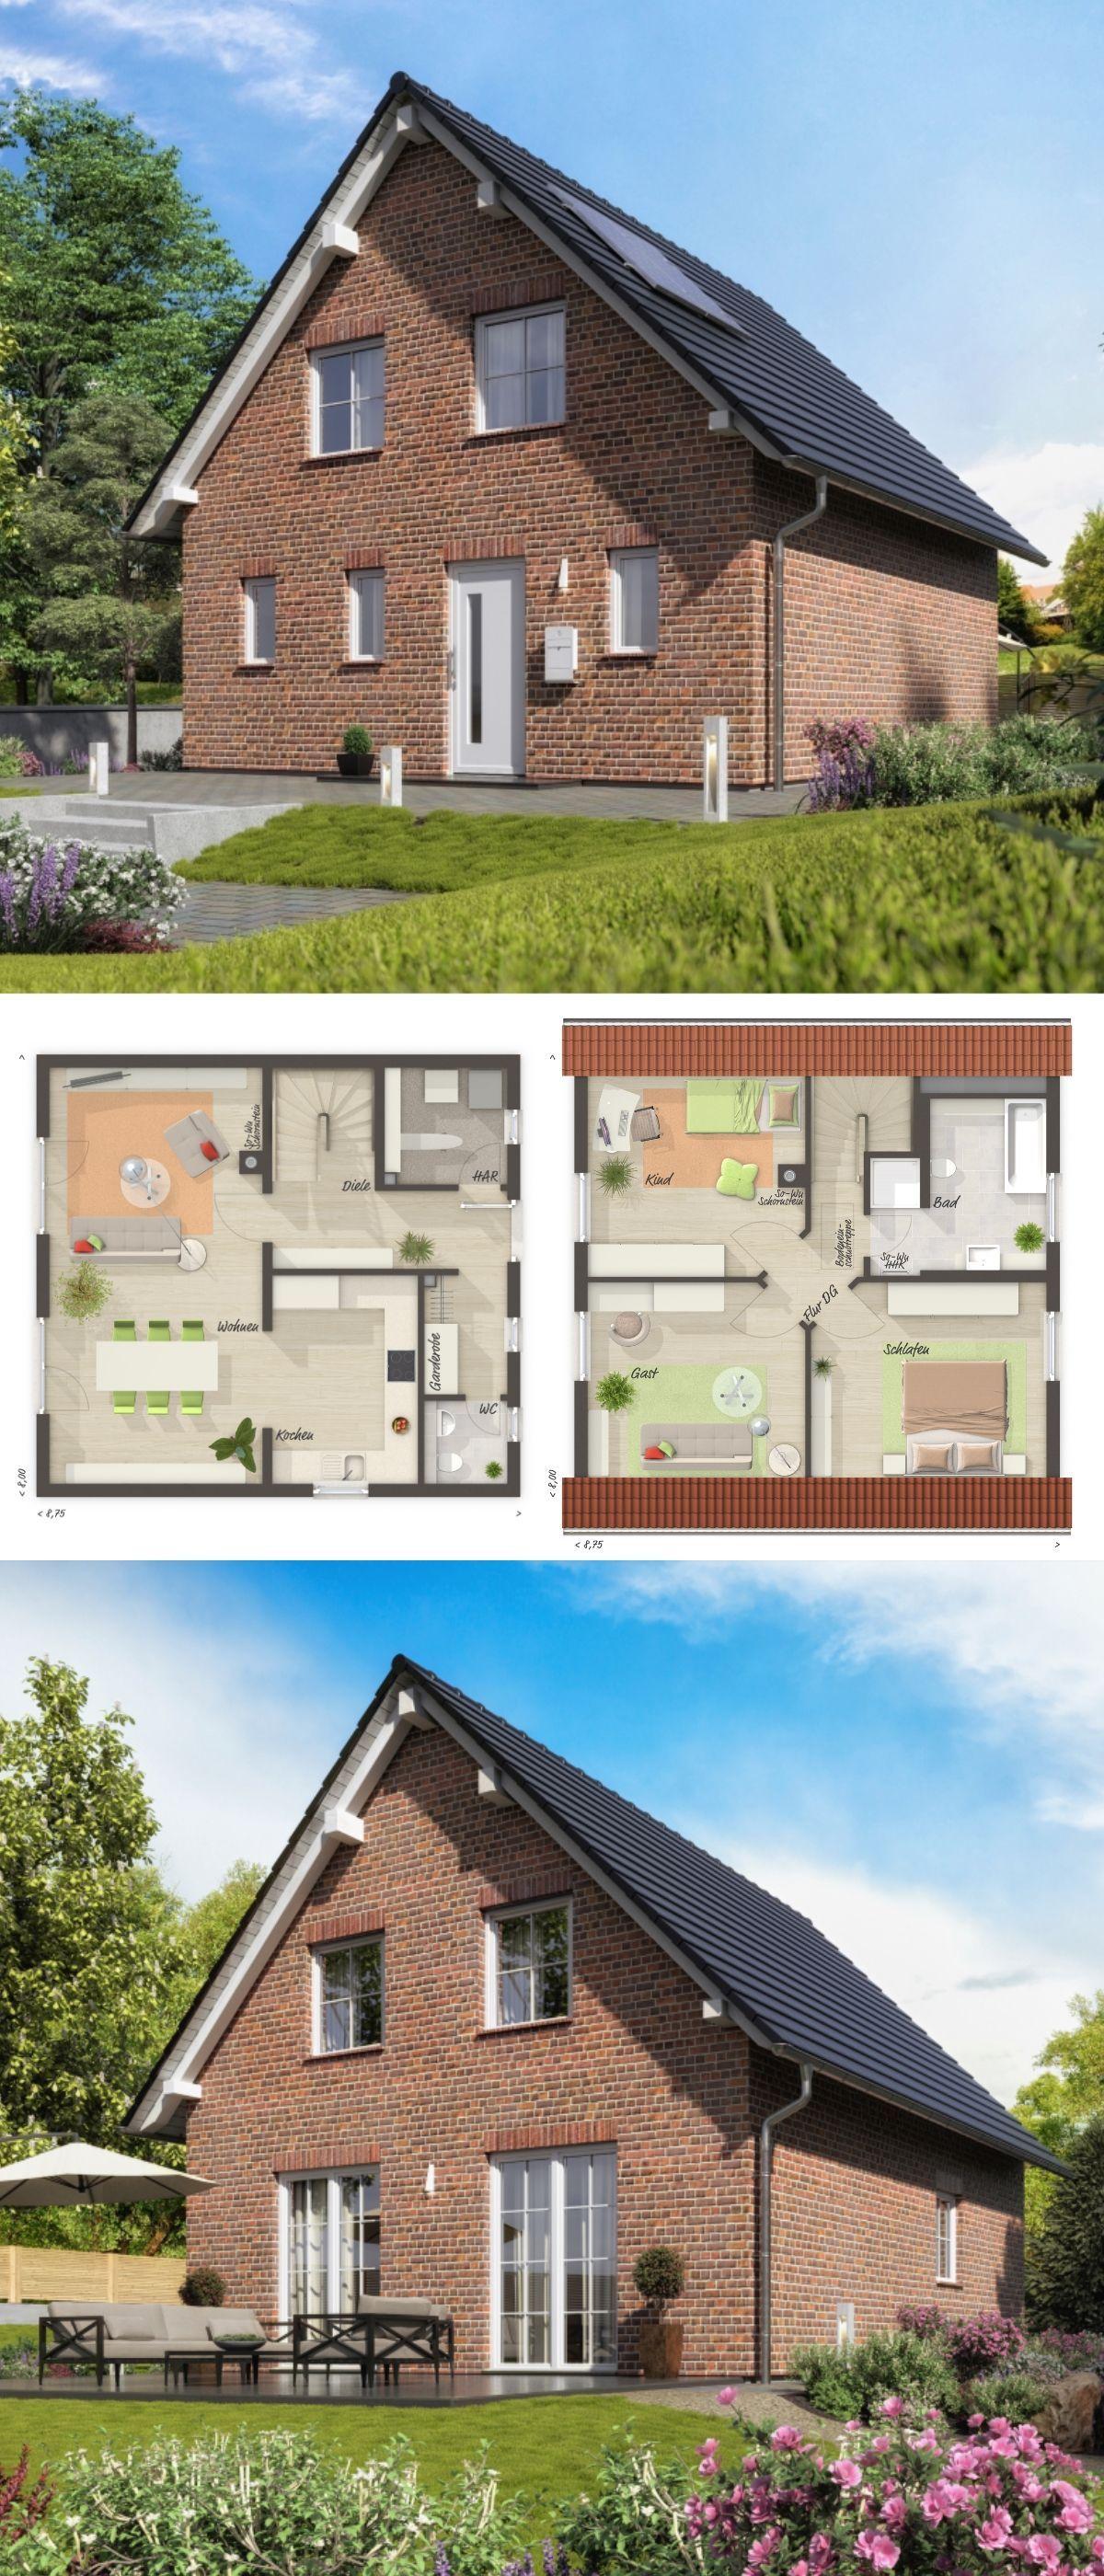 Haus flur design-ideen modernes einfamilienhaus grundriss mit satteldach architektur